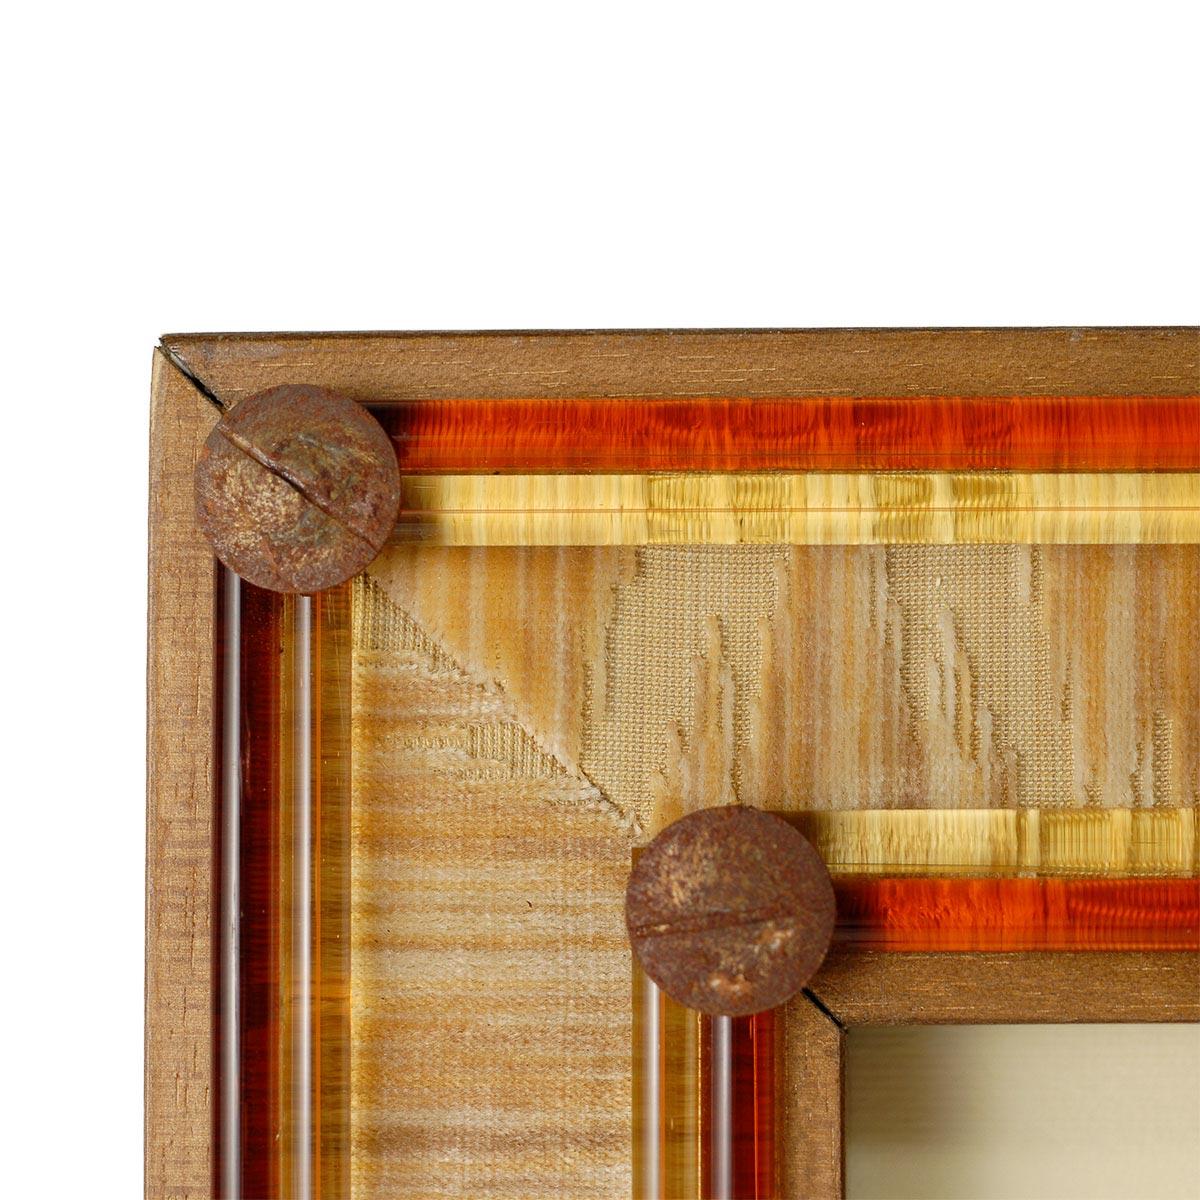 madda-frame-giberto-design-detail-murano-glass-luxury